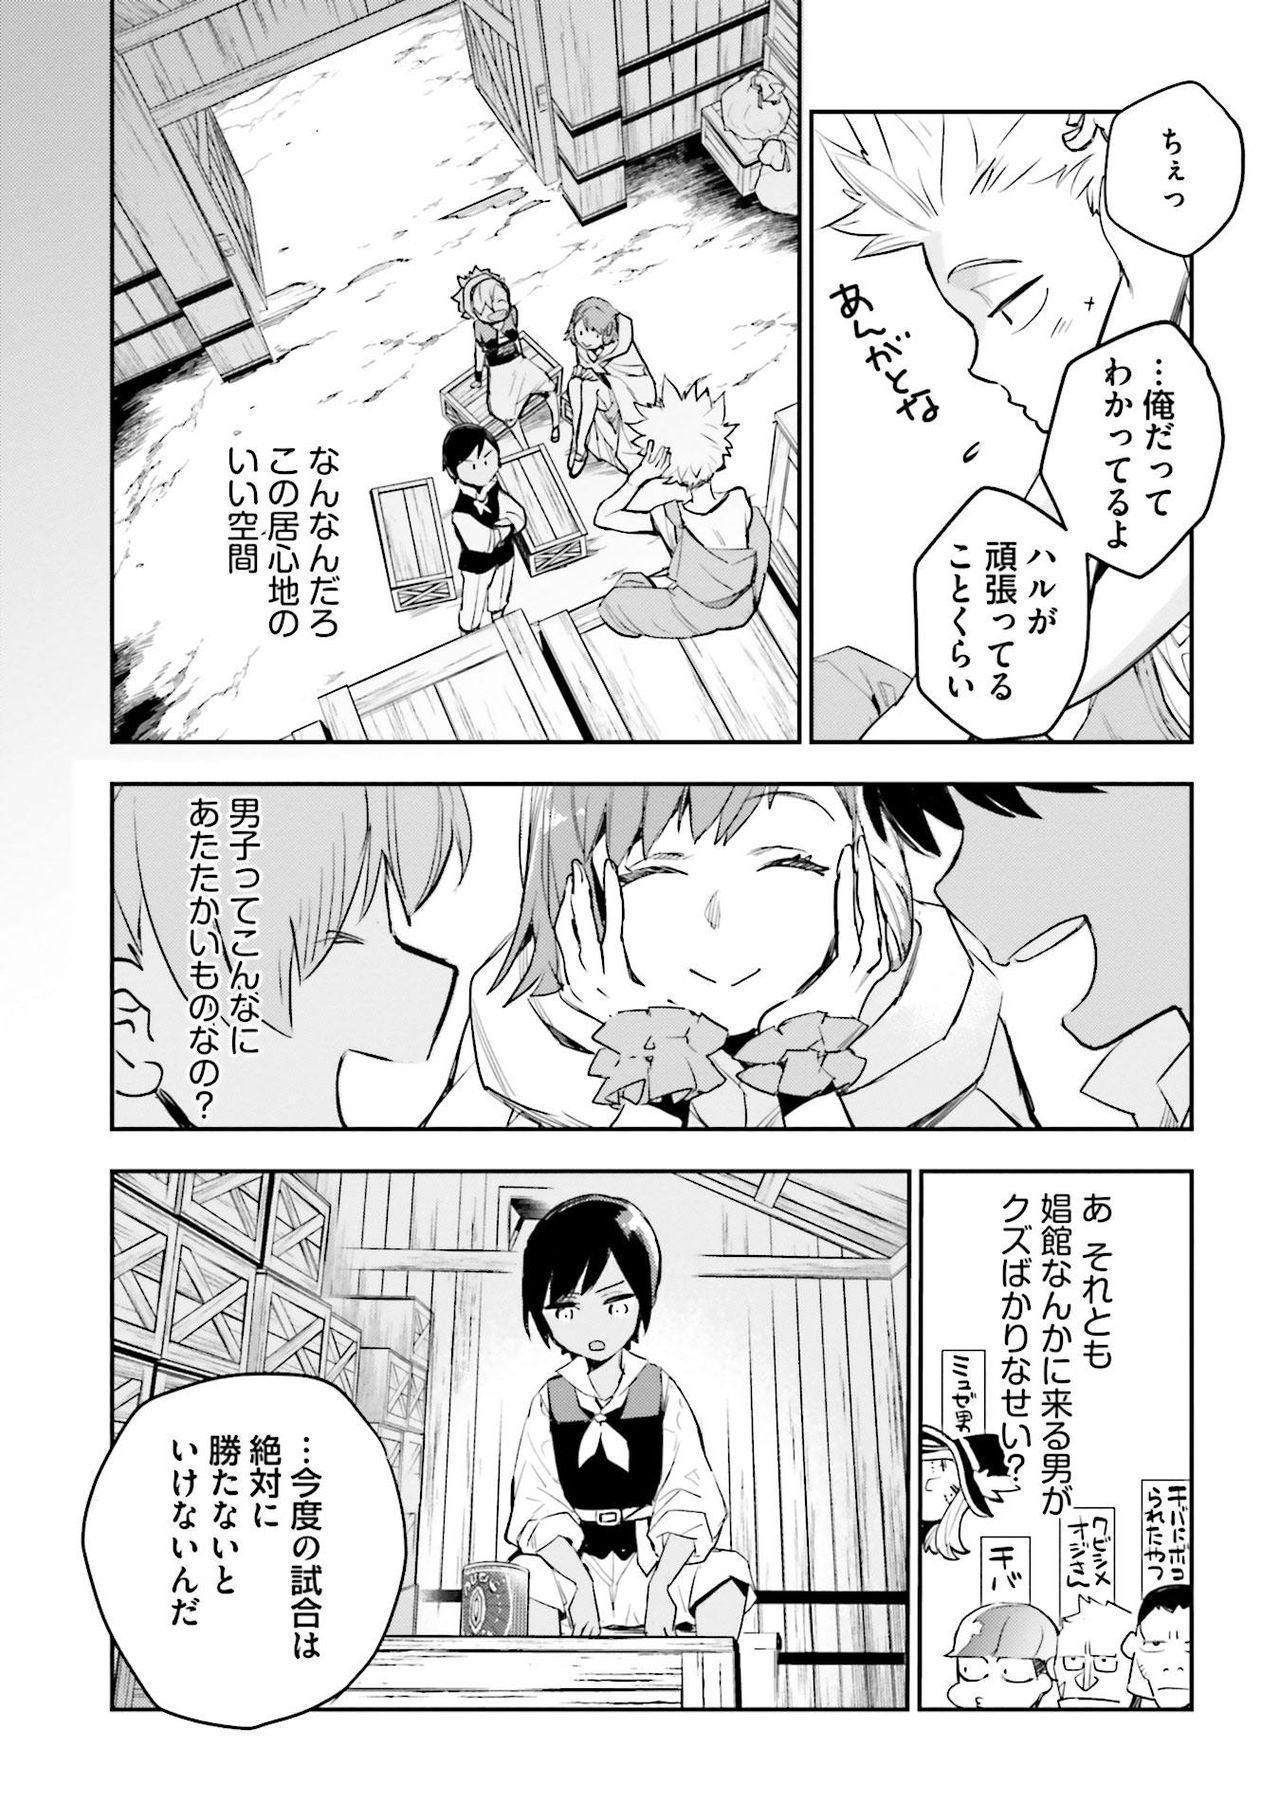 JK Haru wa Isekai de Shoufu ni Natta 1-14 378